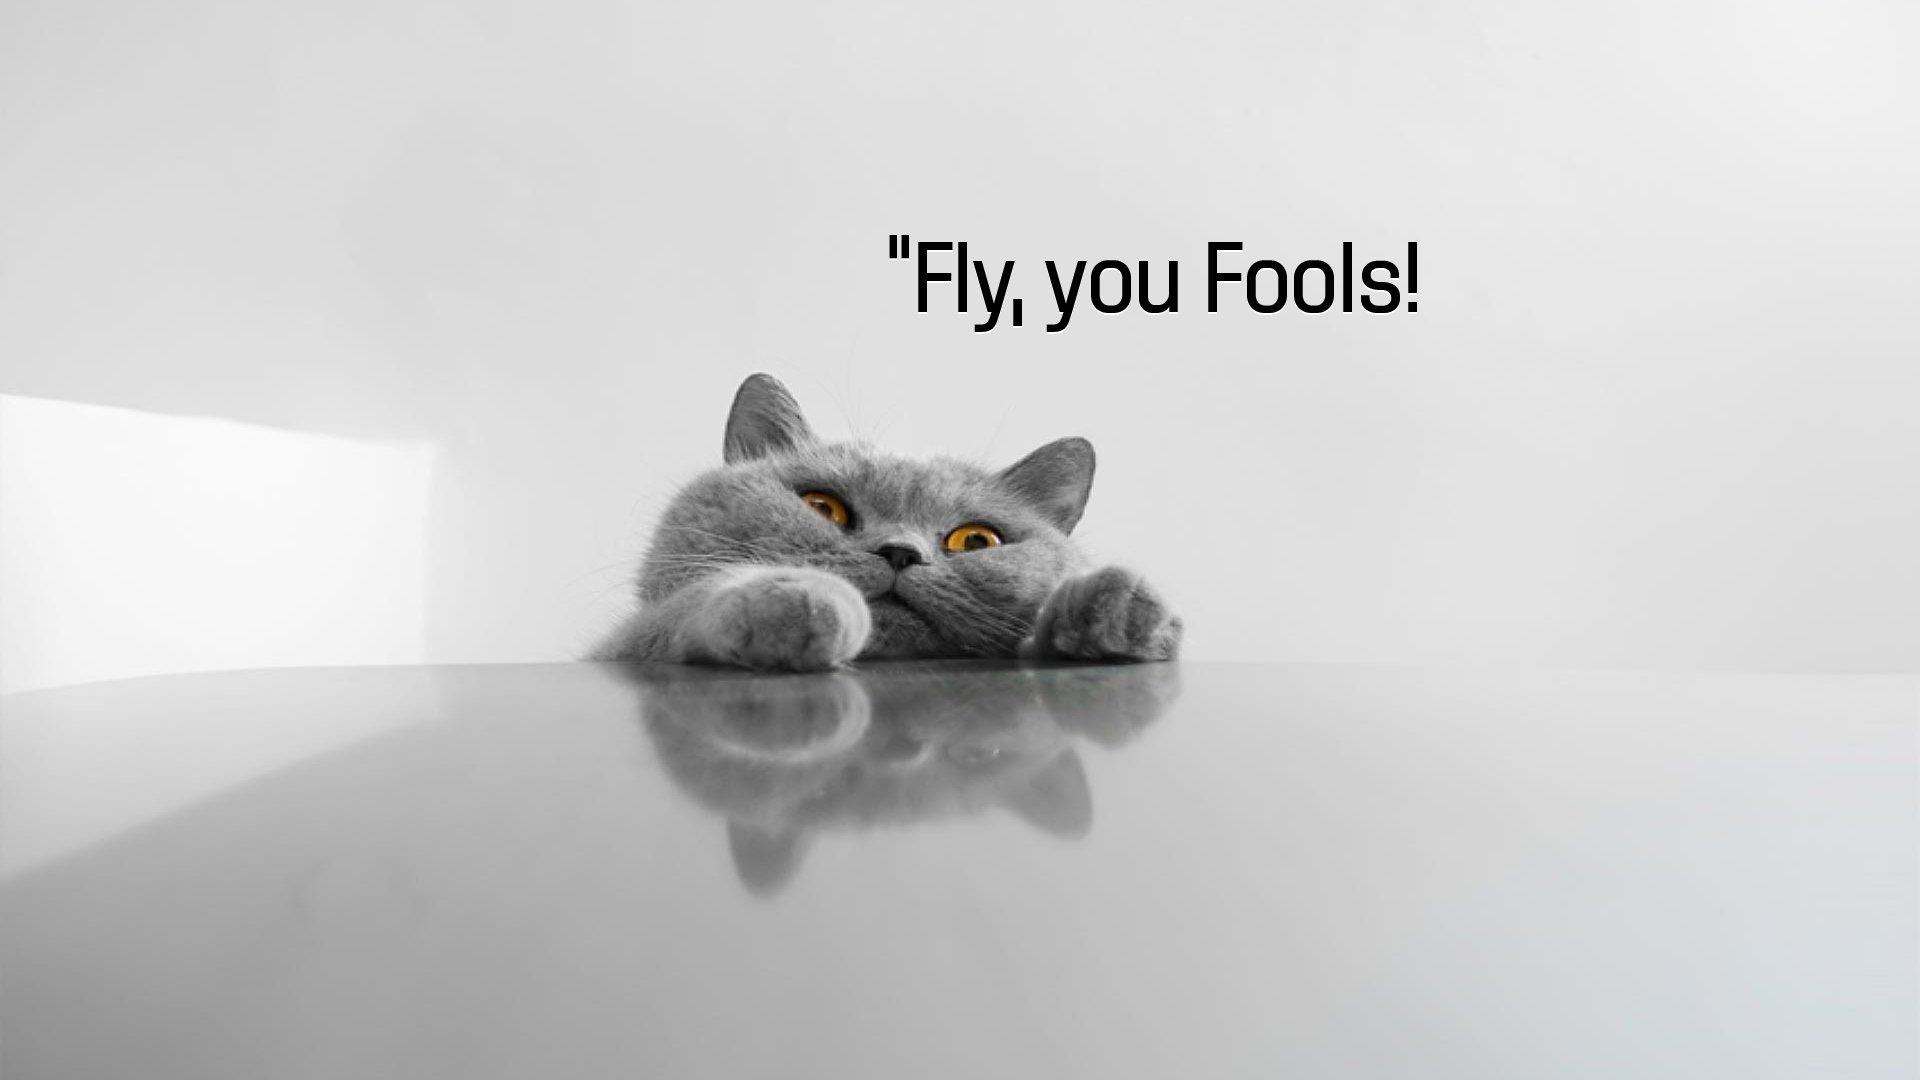 cat meme quote funny humor grumpy 125 wallpaper